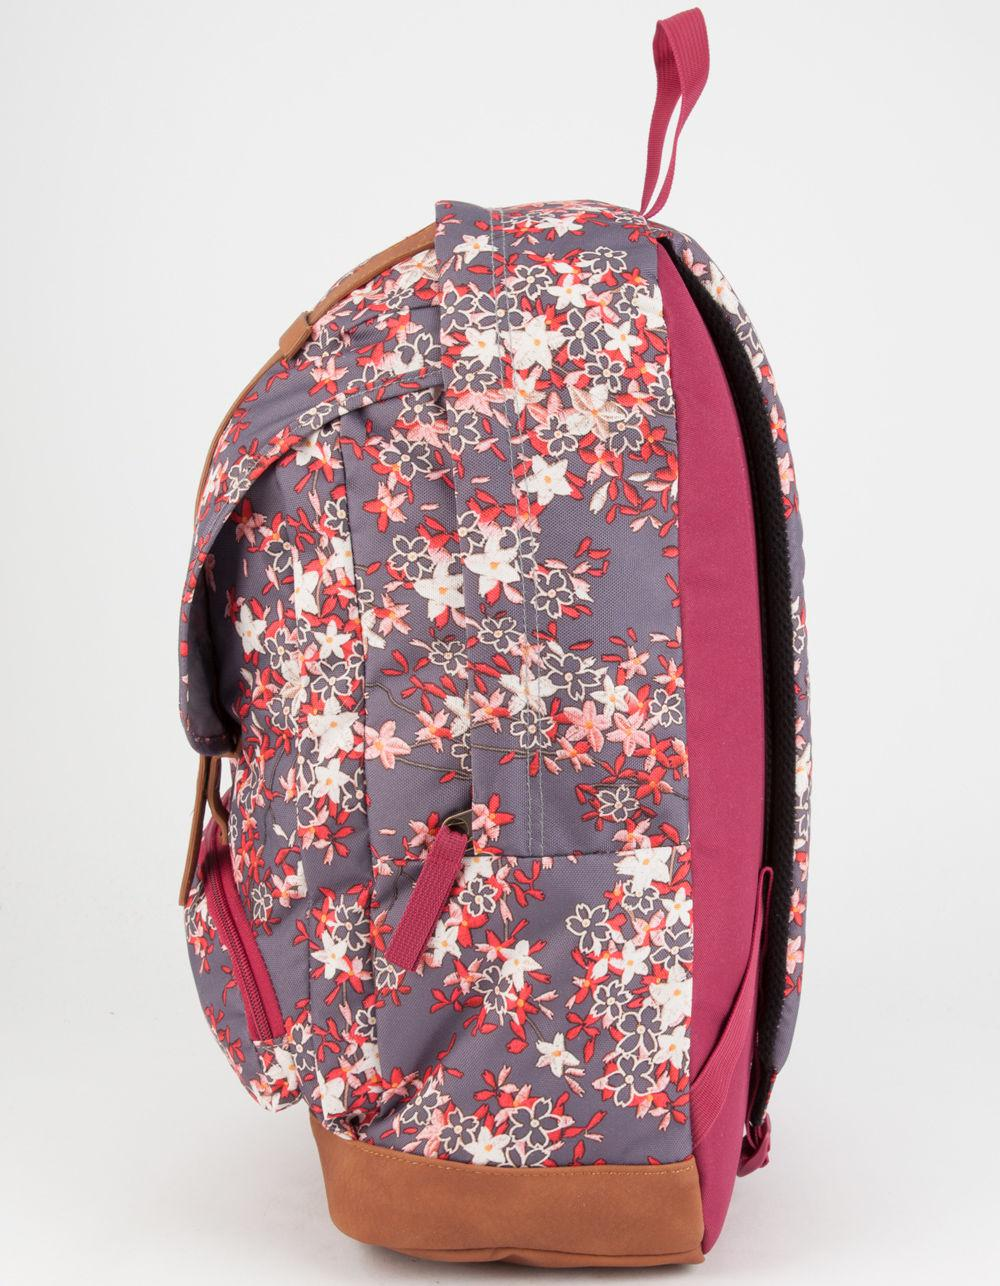 Lyst Jansport Cortlandt Backpack In Red Accessories Lil Break Glitter Hearts View Fullscreen